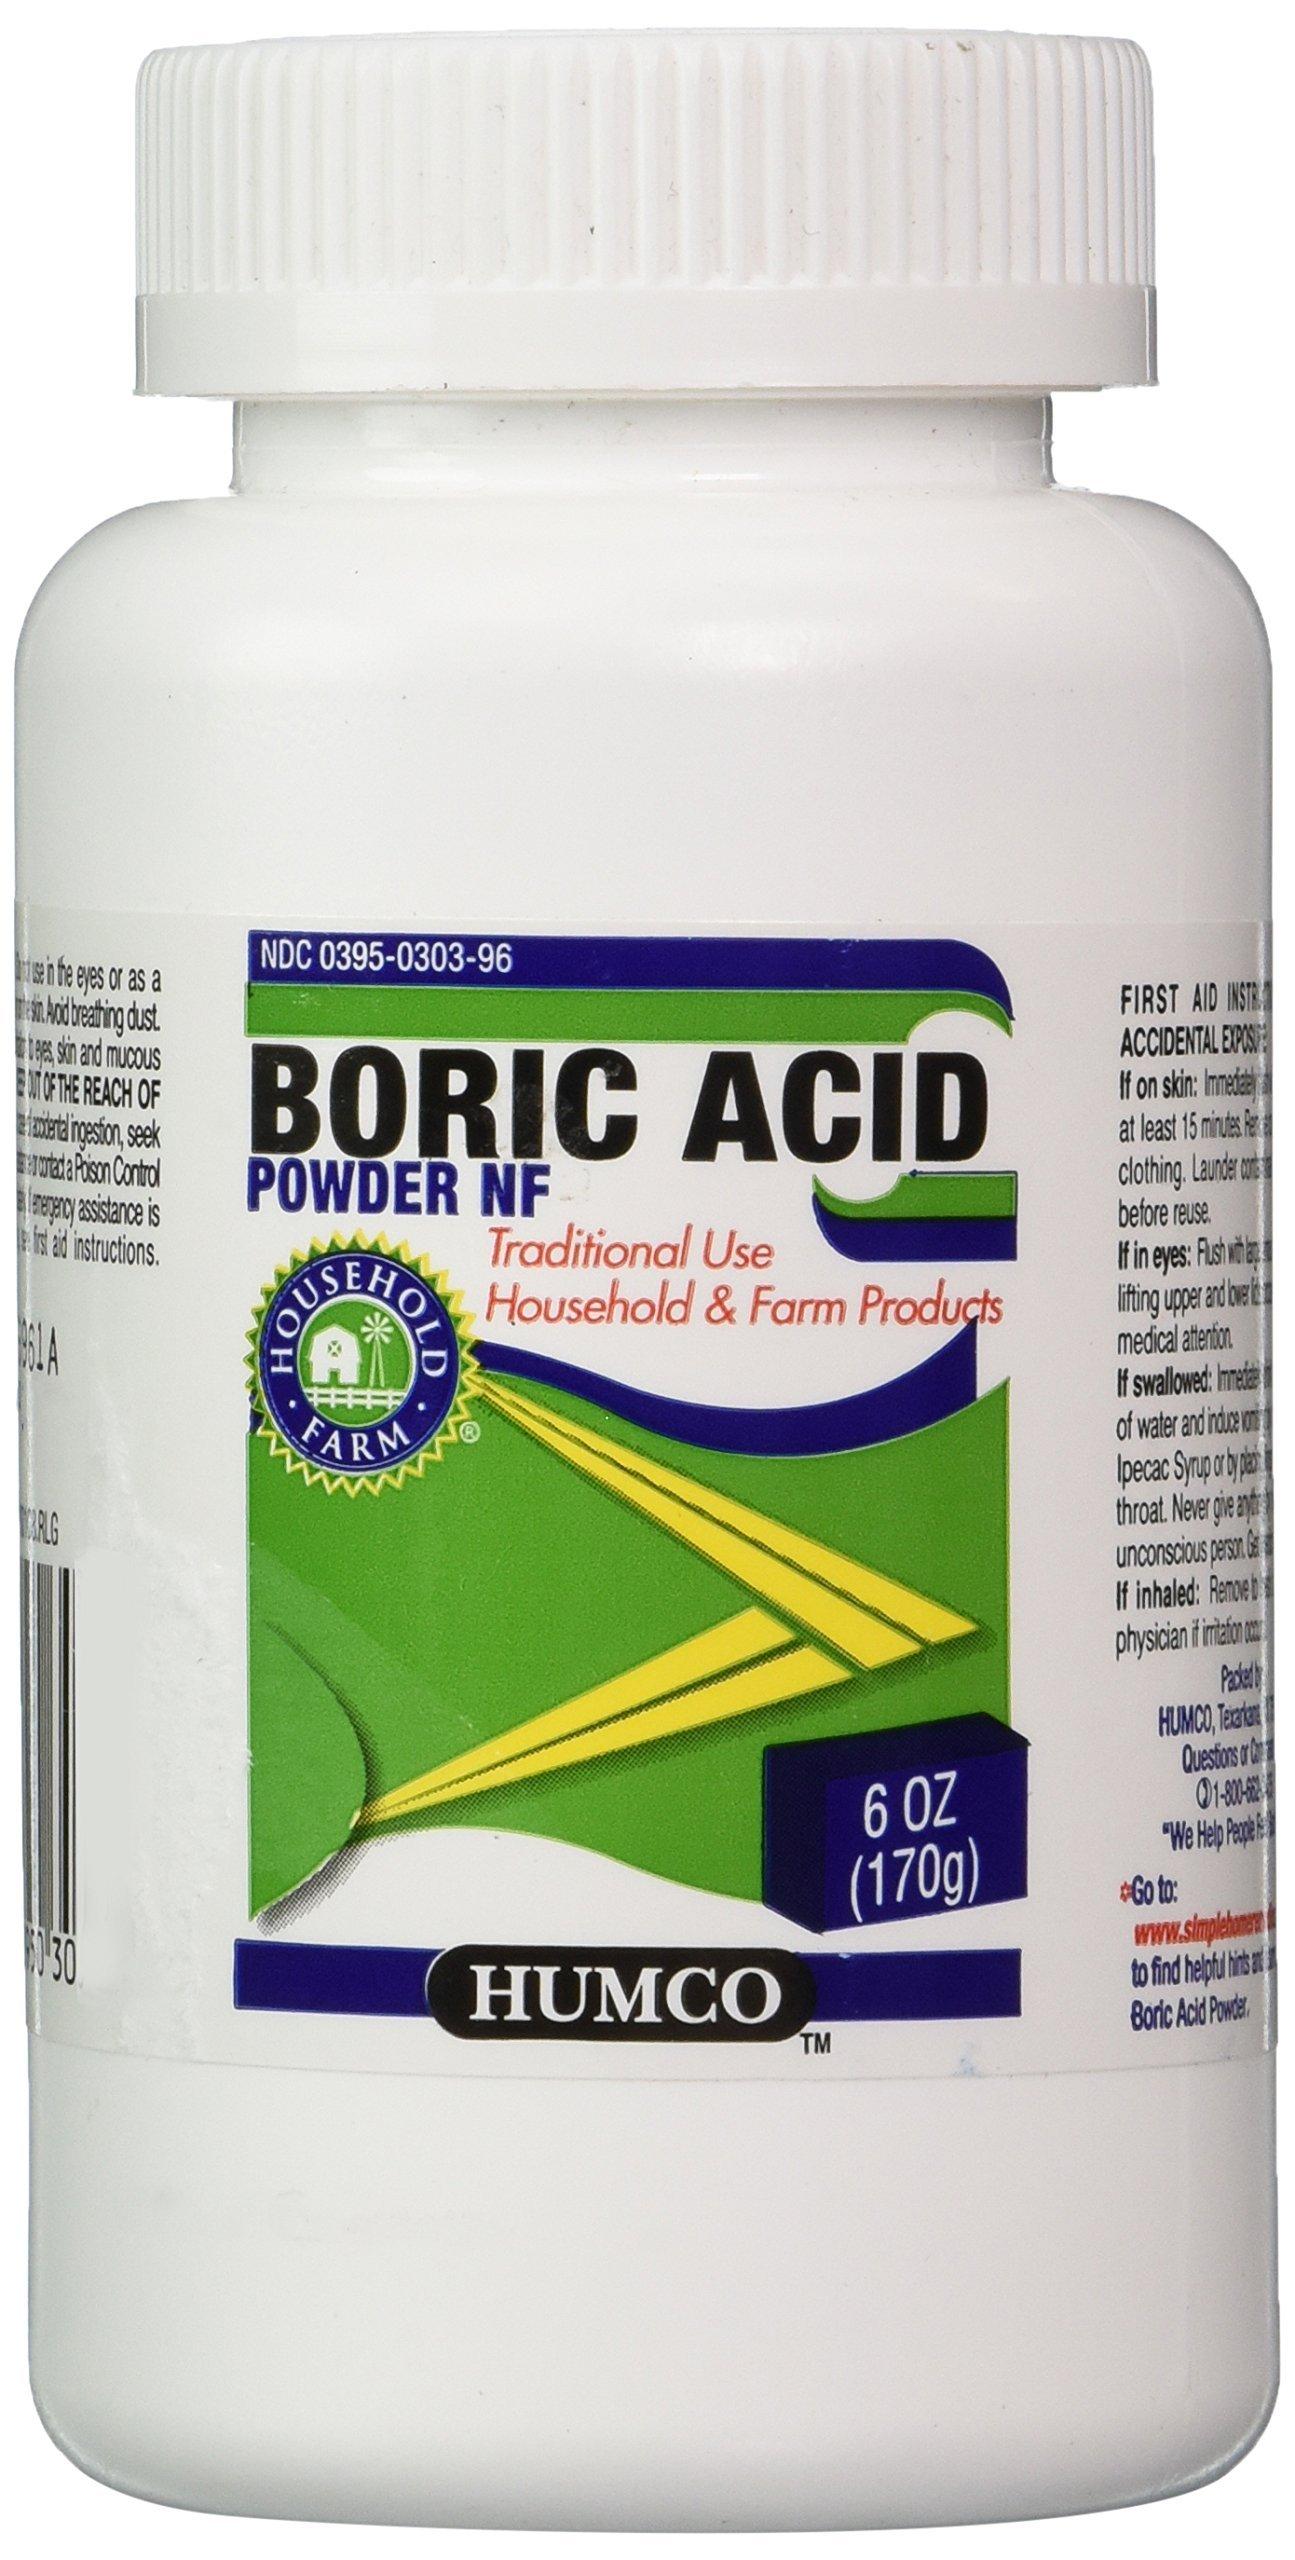 HUMCO HOLDING GROUP Boric Acid Powder, 6 oz.